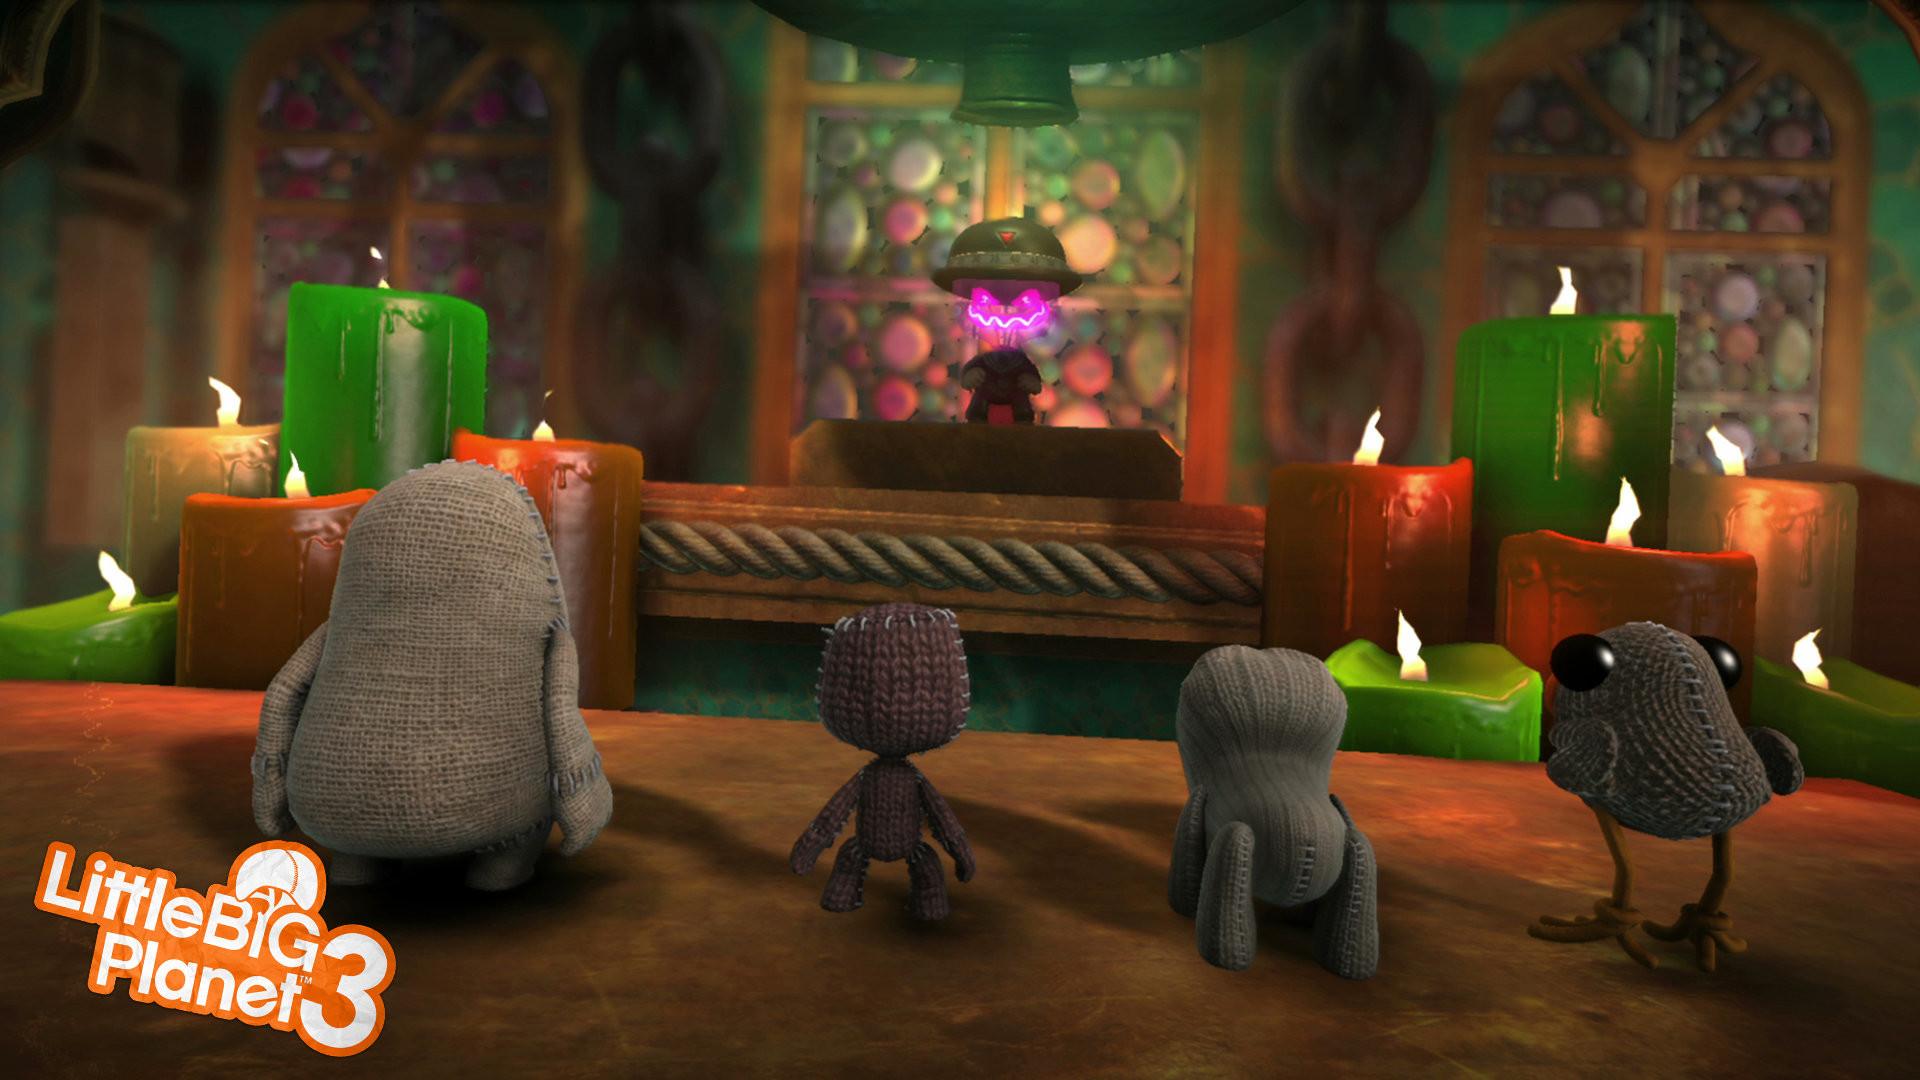 LittleBigPlanet 3 Screenshot 5